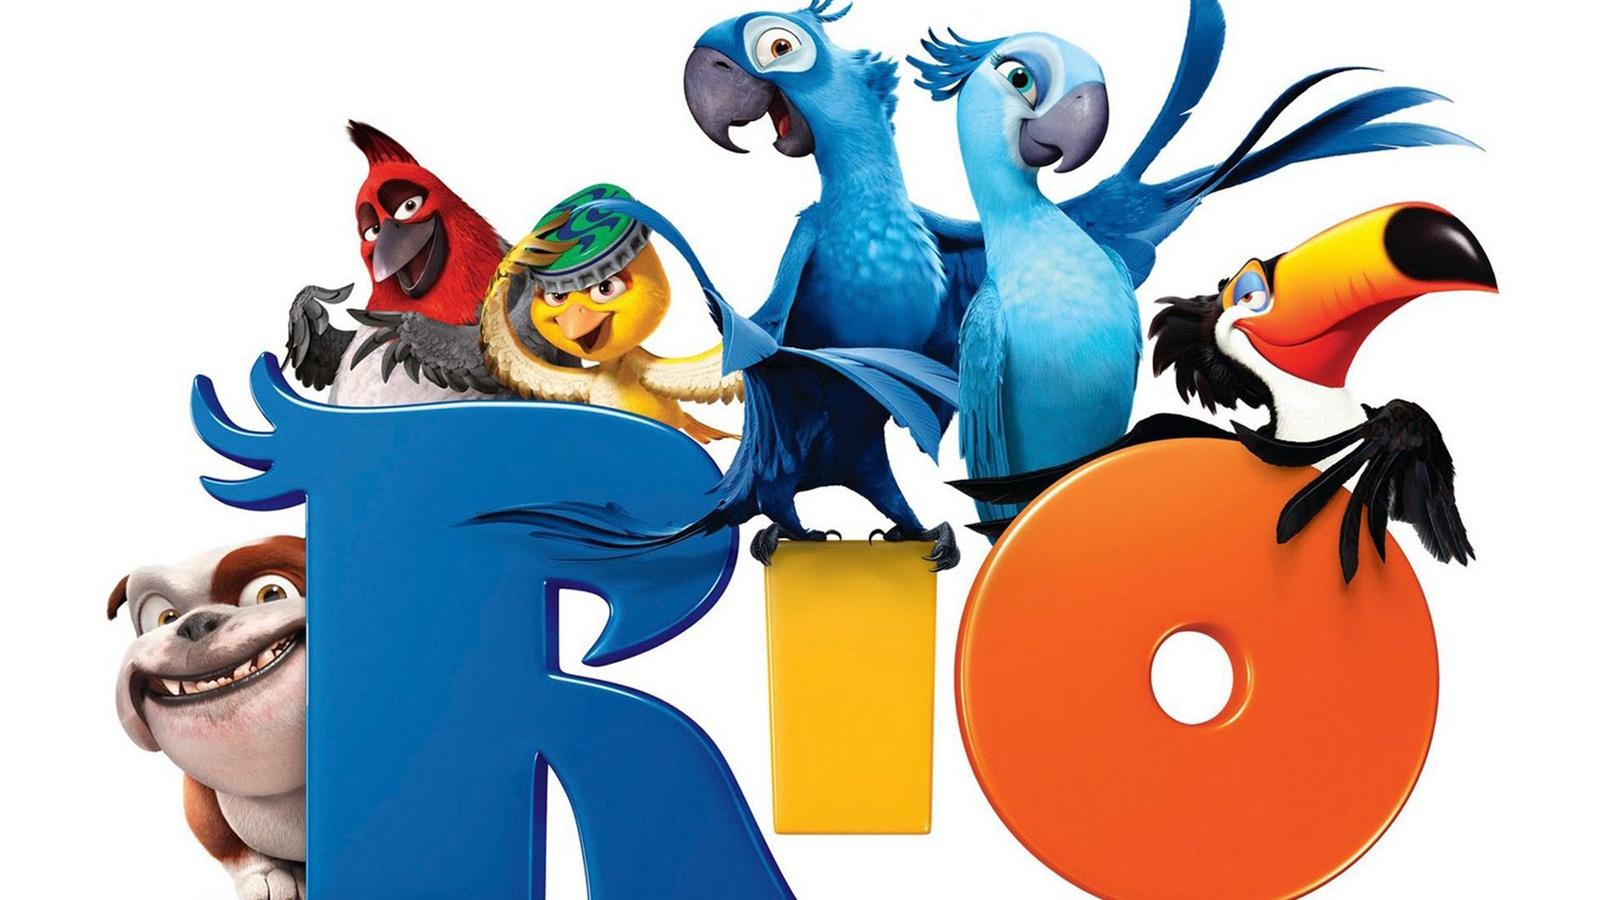 Río película de dibujos animados Fondos de pantalla - 1600x900